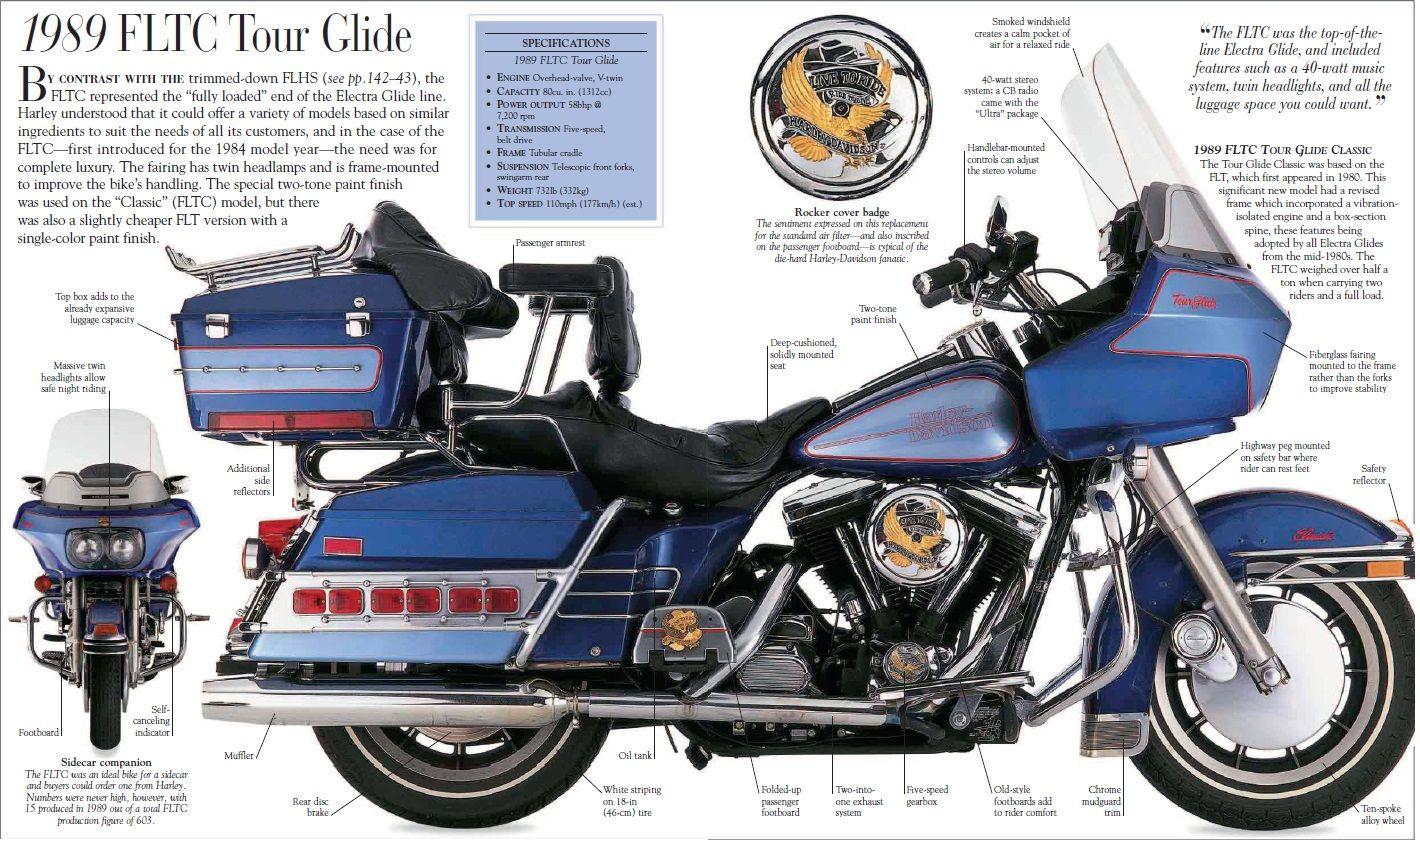 Pin By Sotir Mekshi On Harley Davidson Harley Davidson Art Vintage Harley Davidson Harley Davidson Motor [ 854 x 1420 Pixel ]